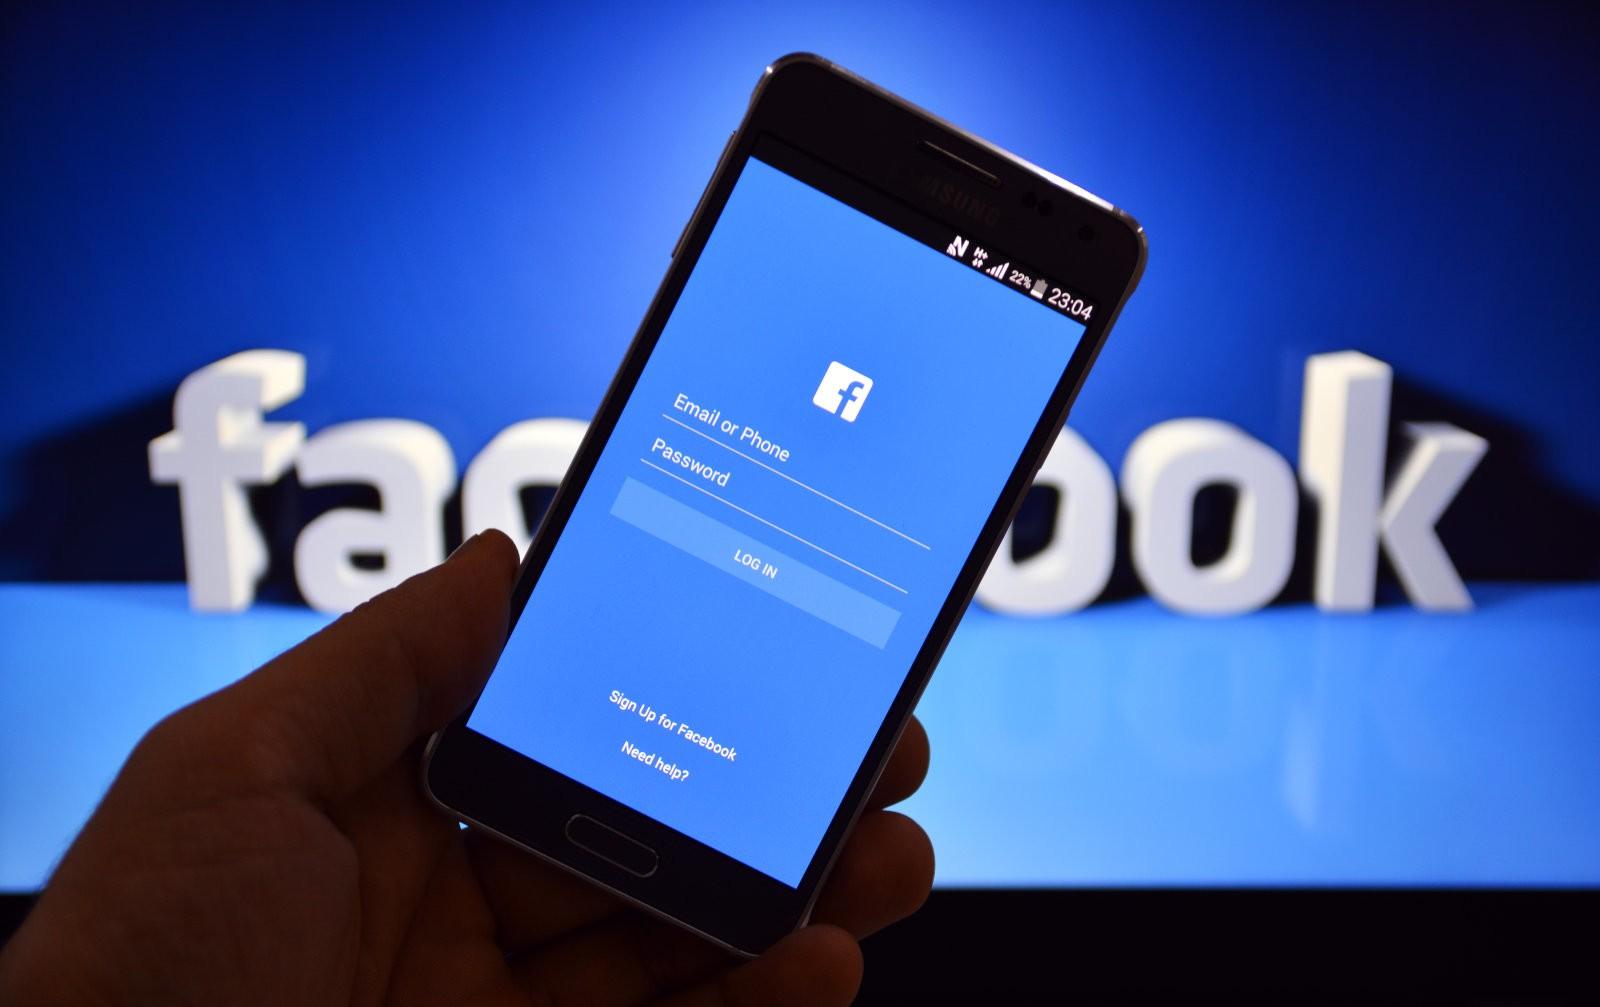 Фейсбук  может обзавестись технологией распознавания лиц